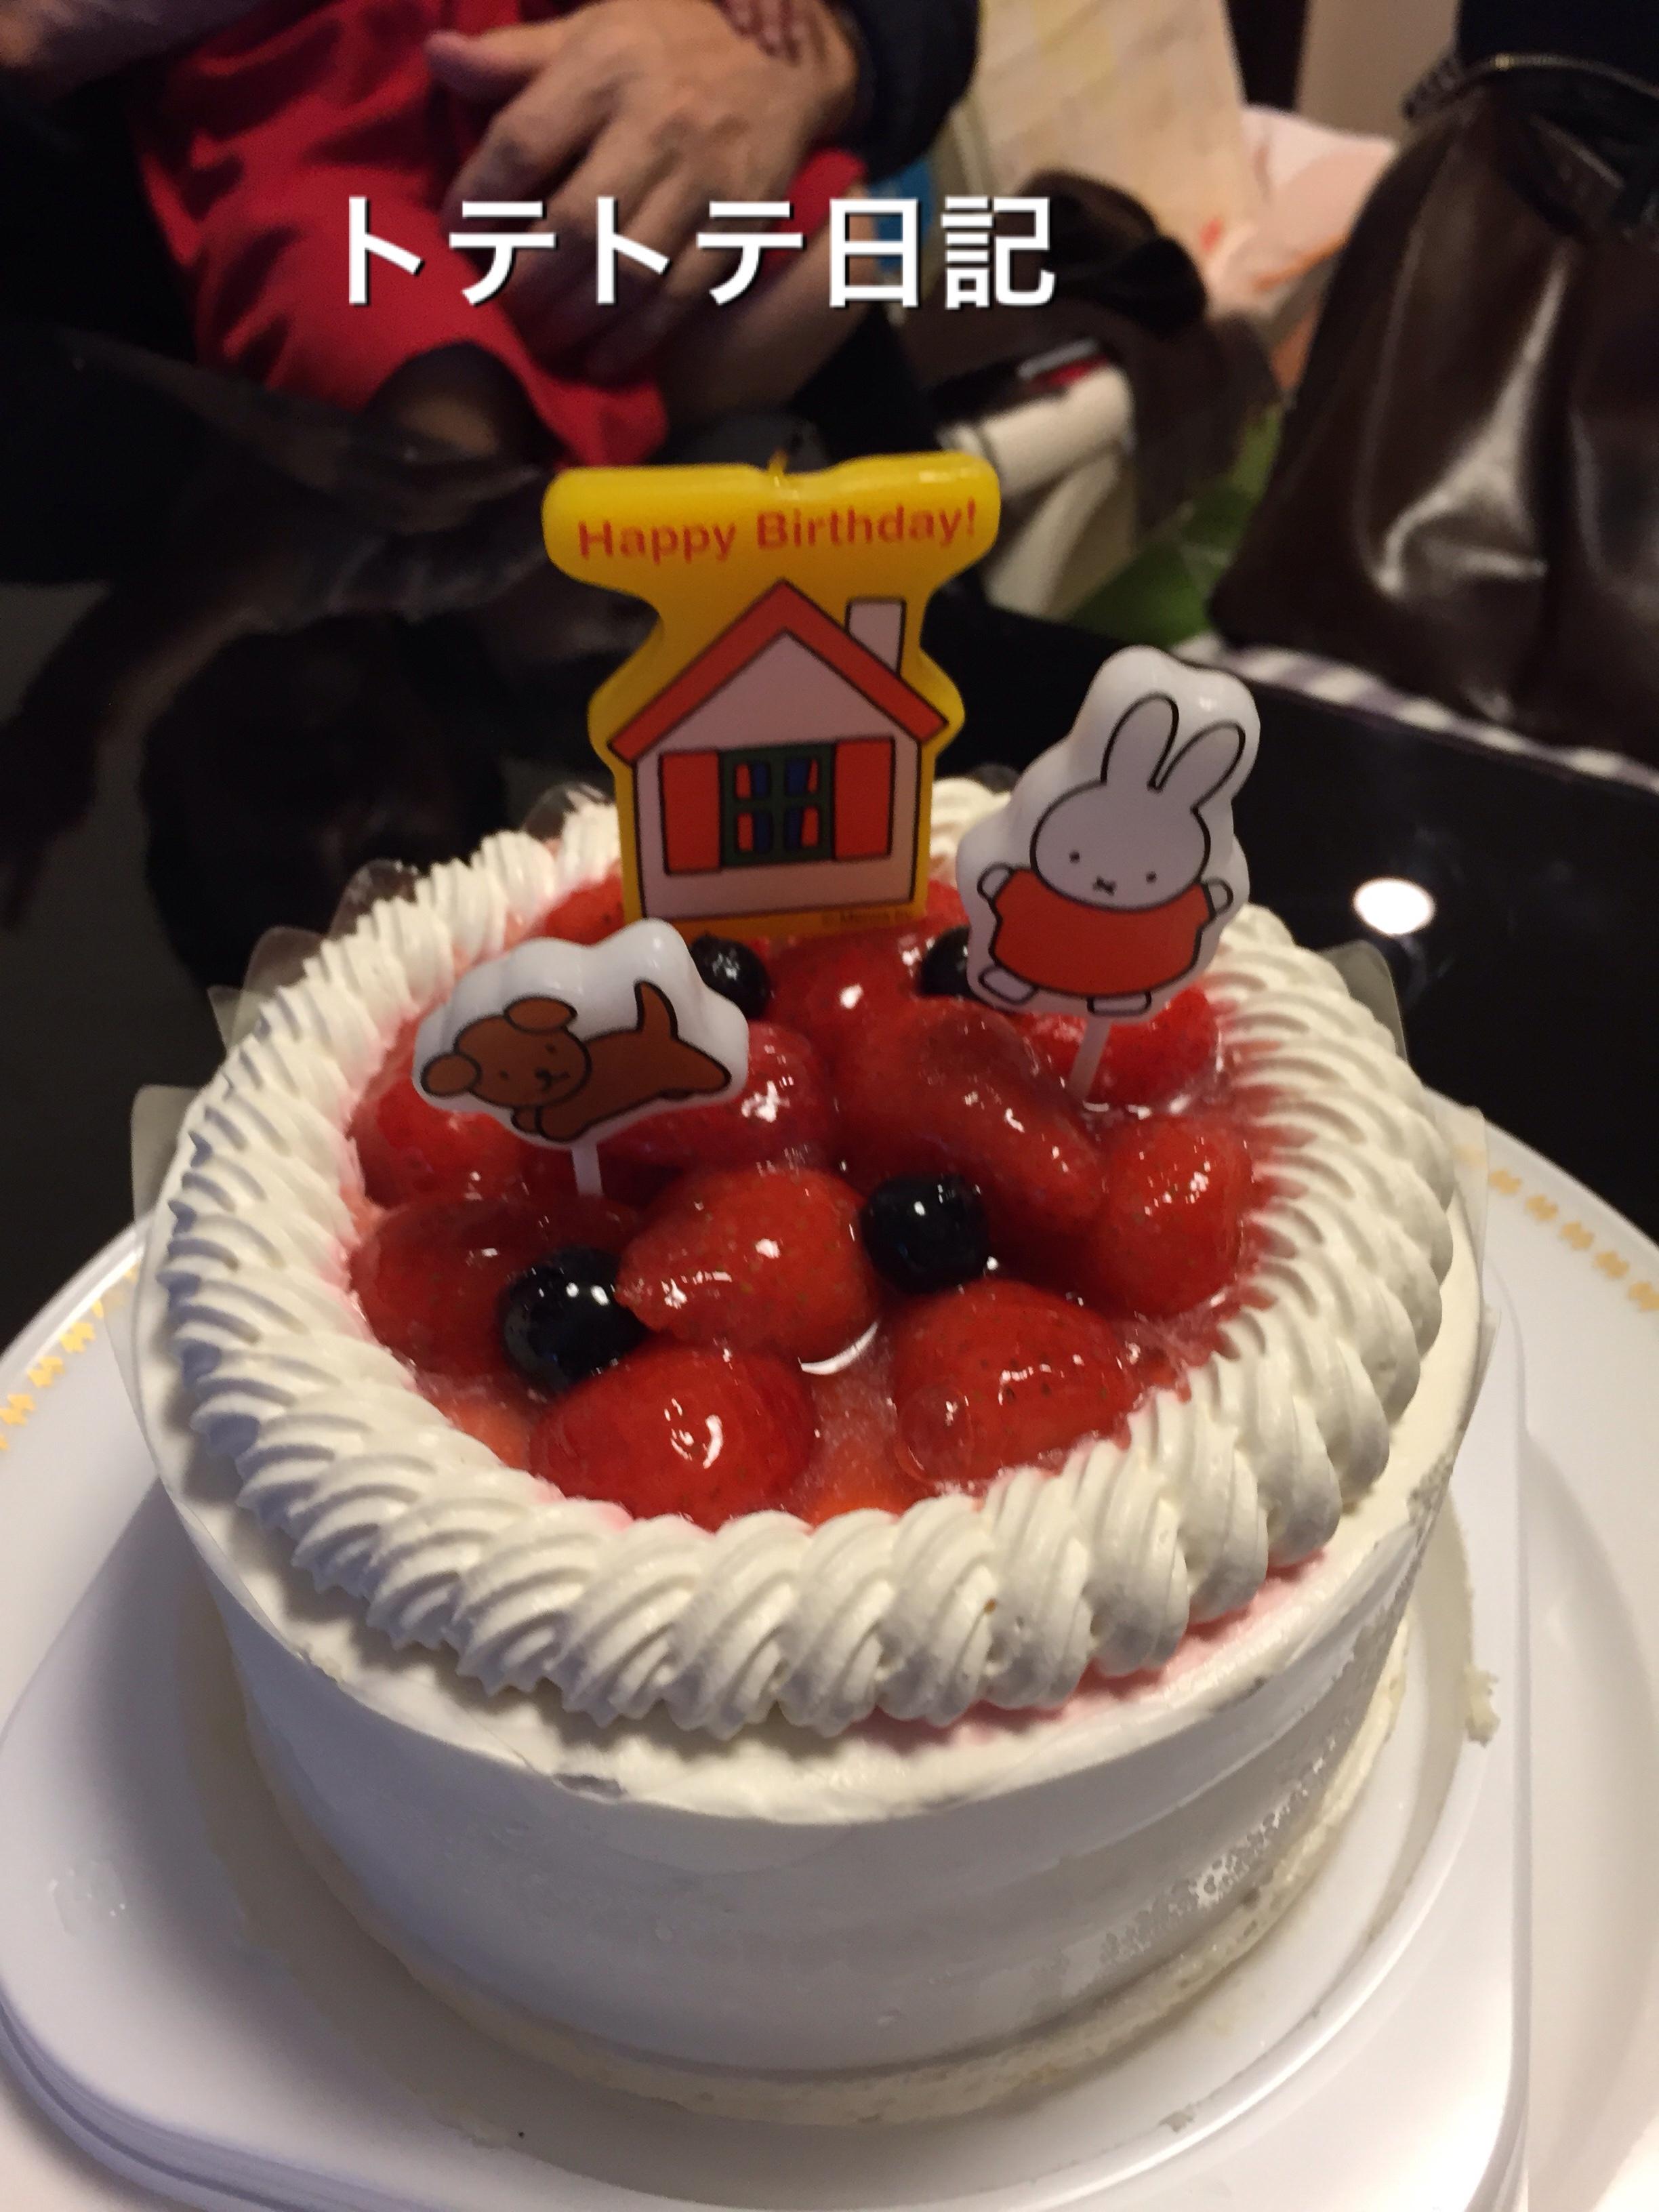 2回目のバースデー時はミッフィーちゃんのキャンドルで。飾り付け映えするケーキ。という写真